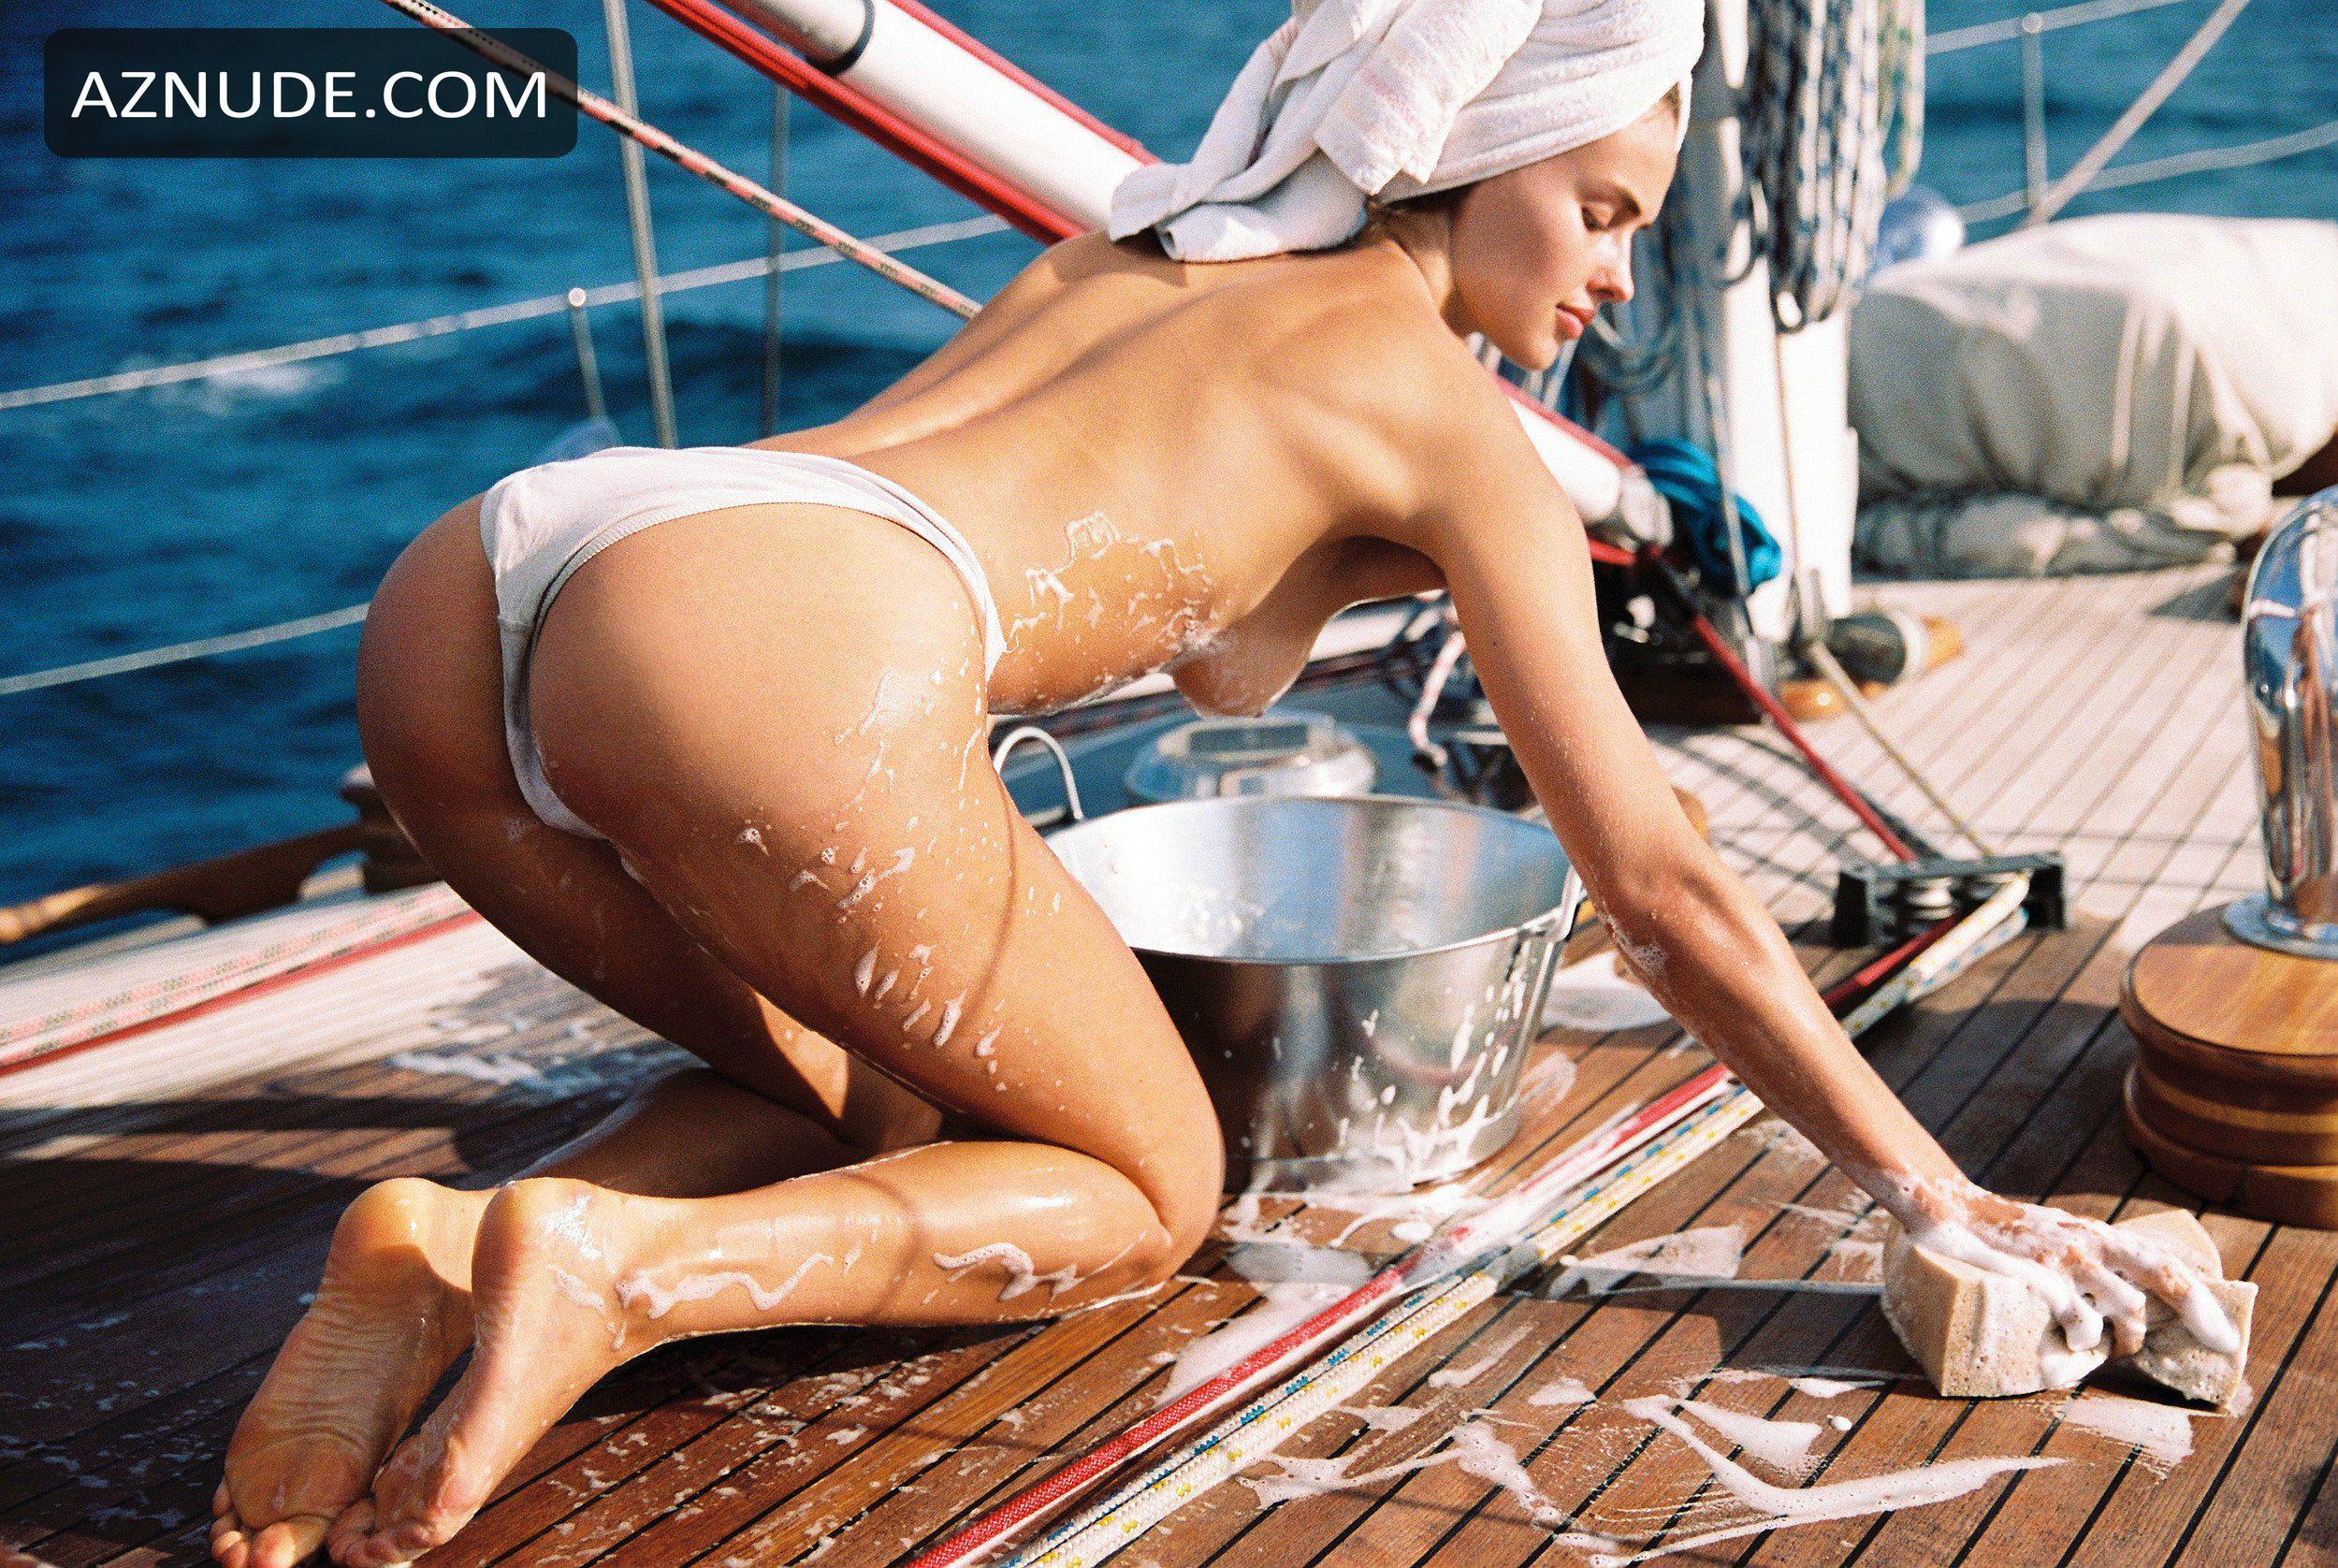 Nude johanne landbo The Fappening